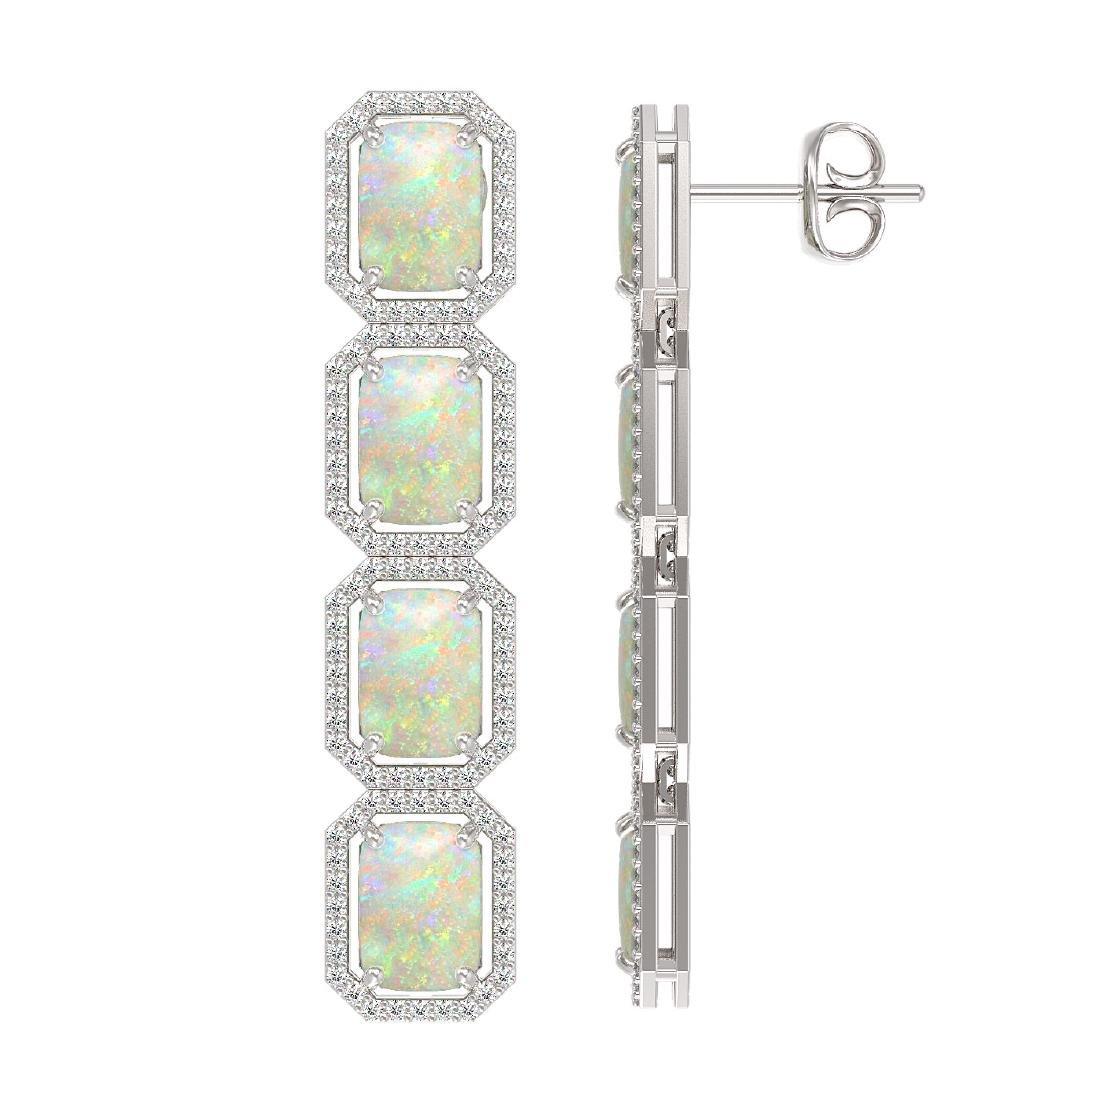 12.99 CTW Opal & Diamond Halo Earrings 10K White Gold - 2